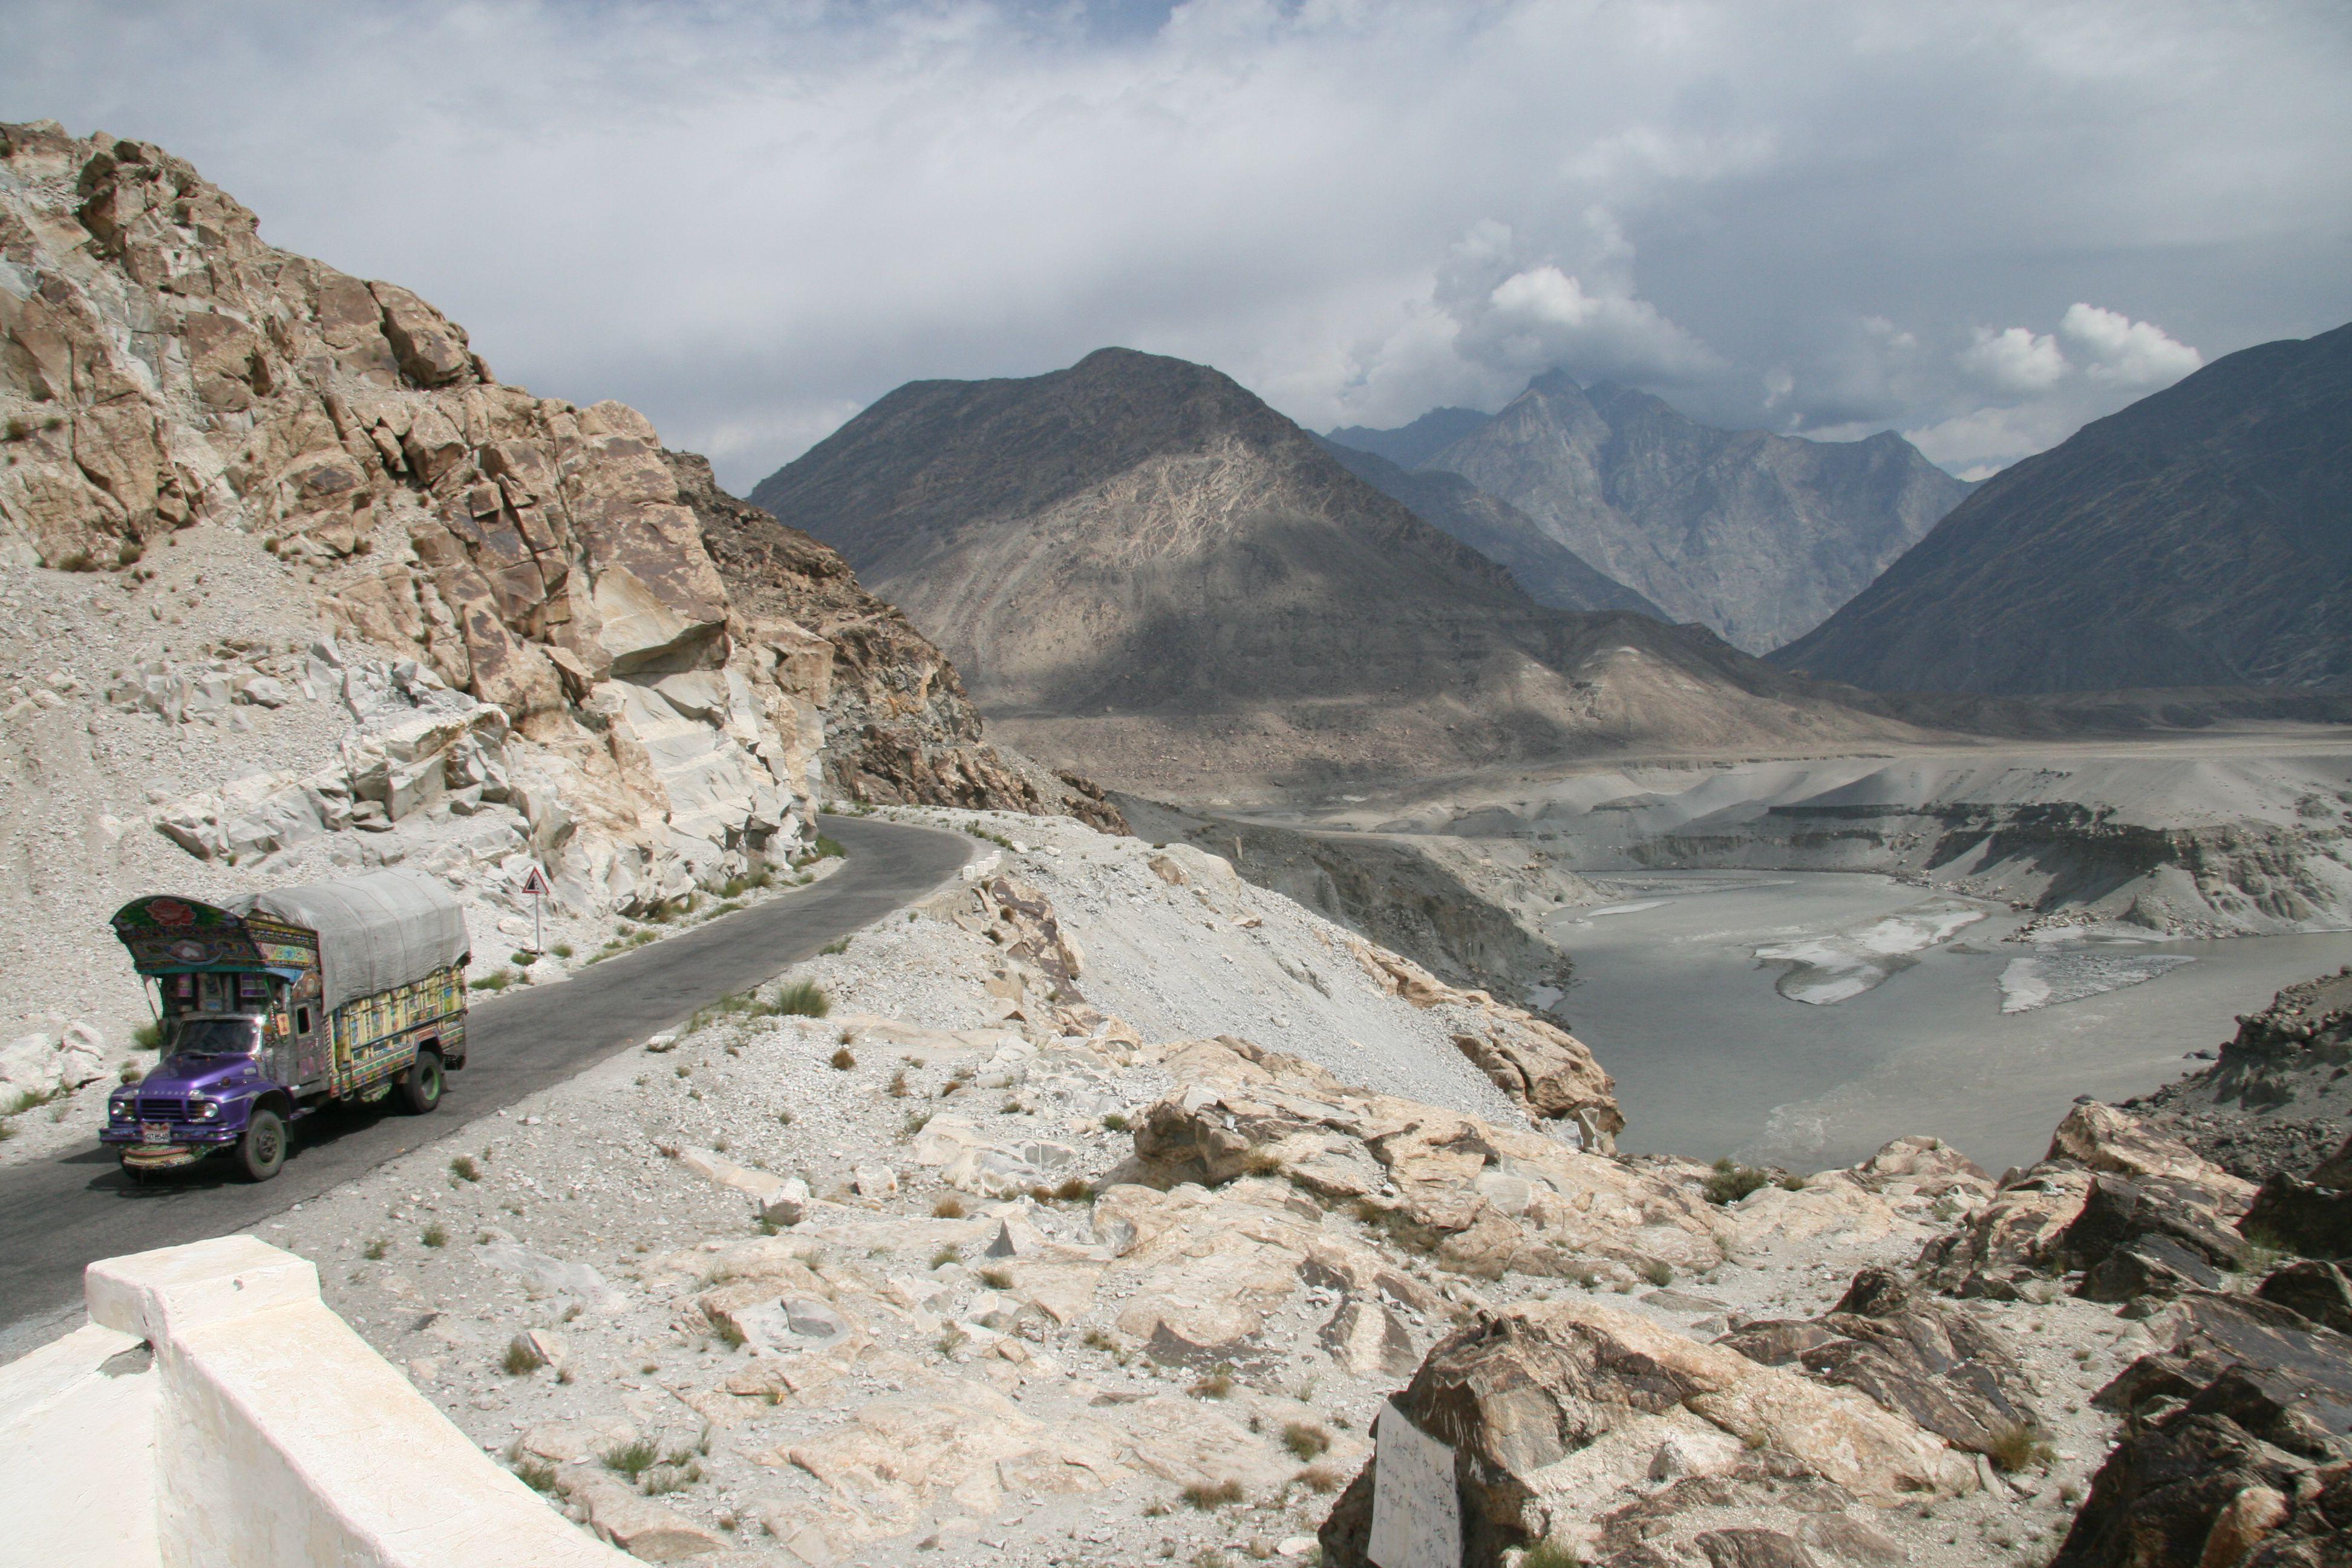 Un camión que circula por la carretera de Karakoram con vistas panorámicas de las montañas al fondo